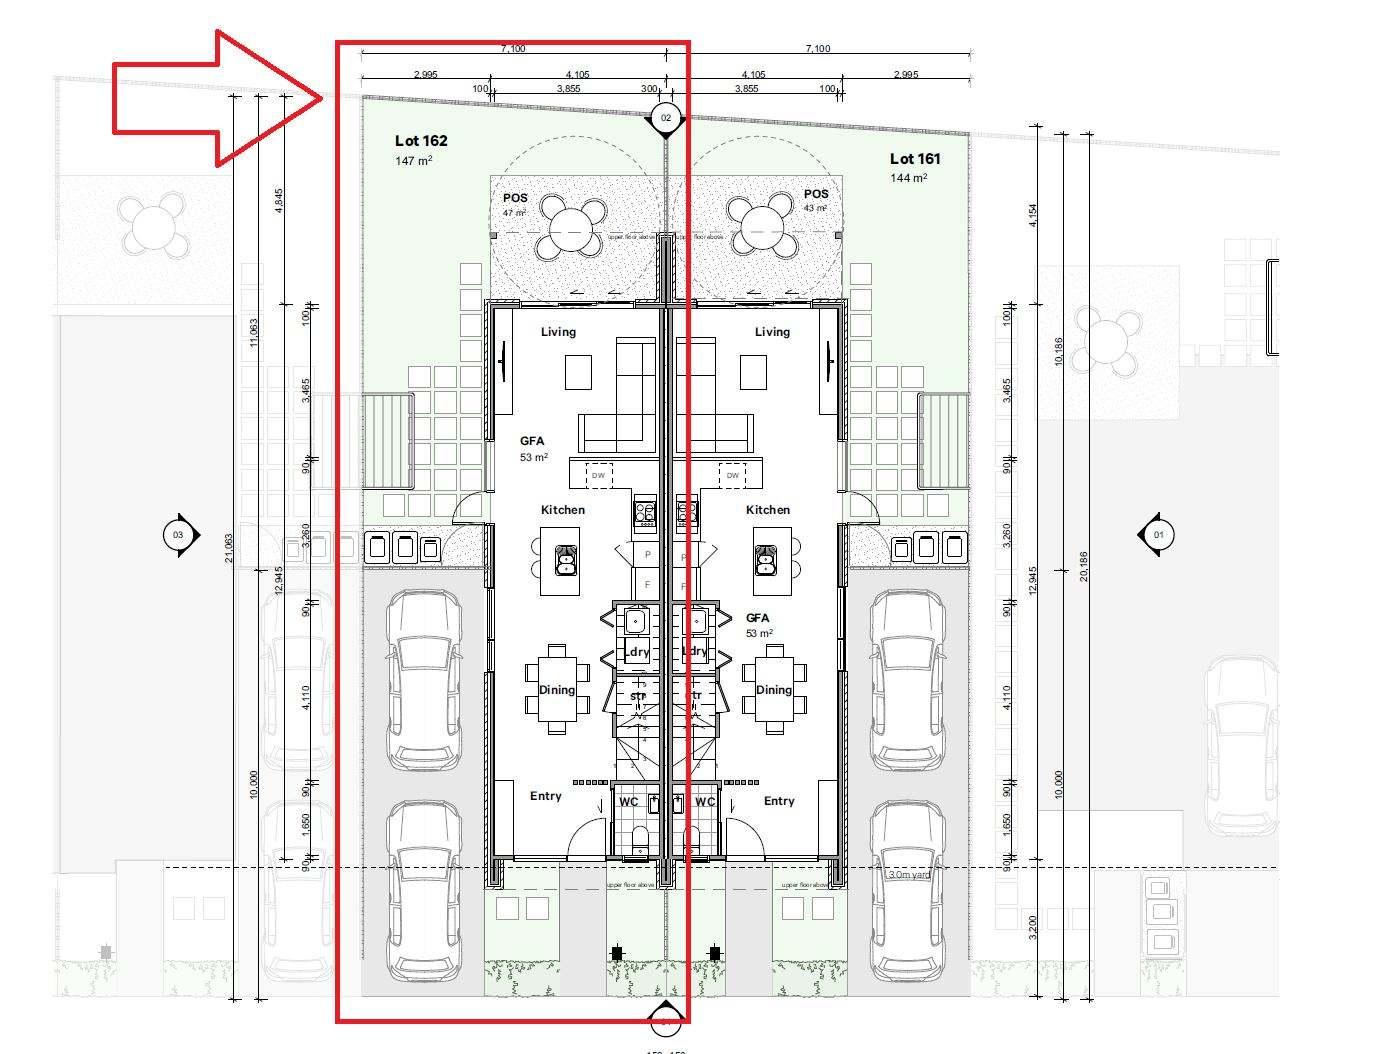 Porirua 3房 House & Land Package Opportunity - Tender